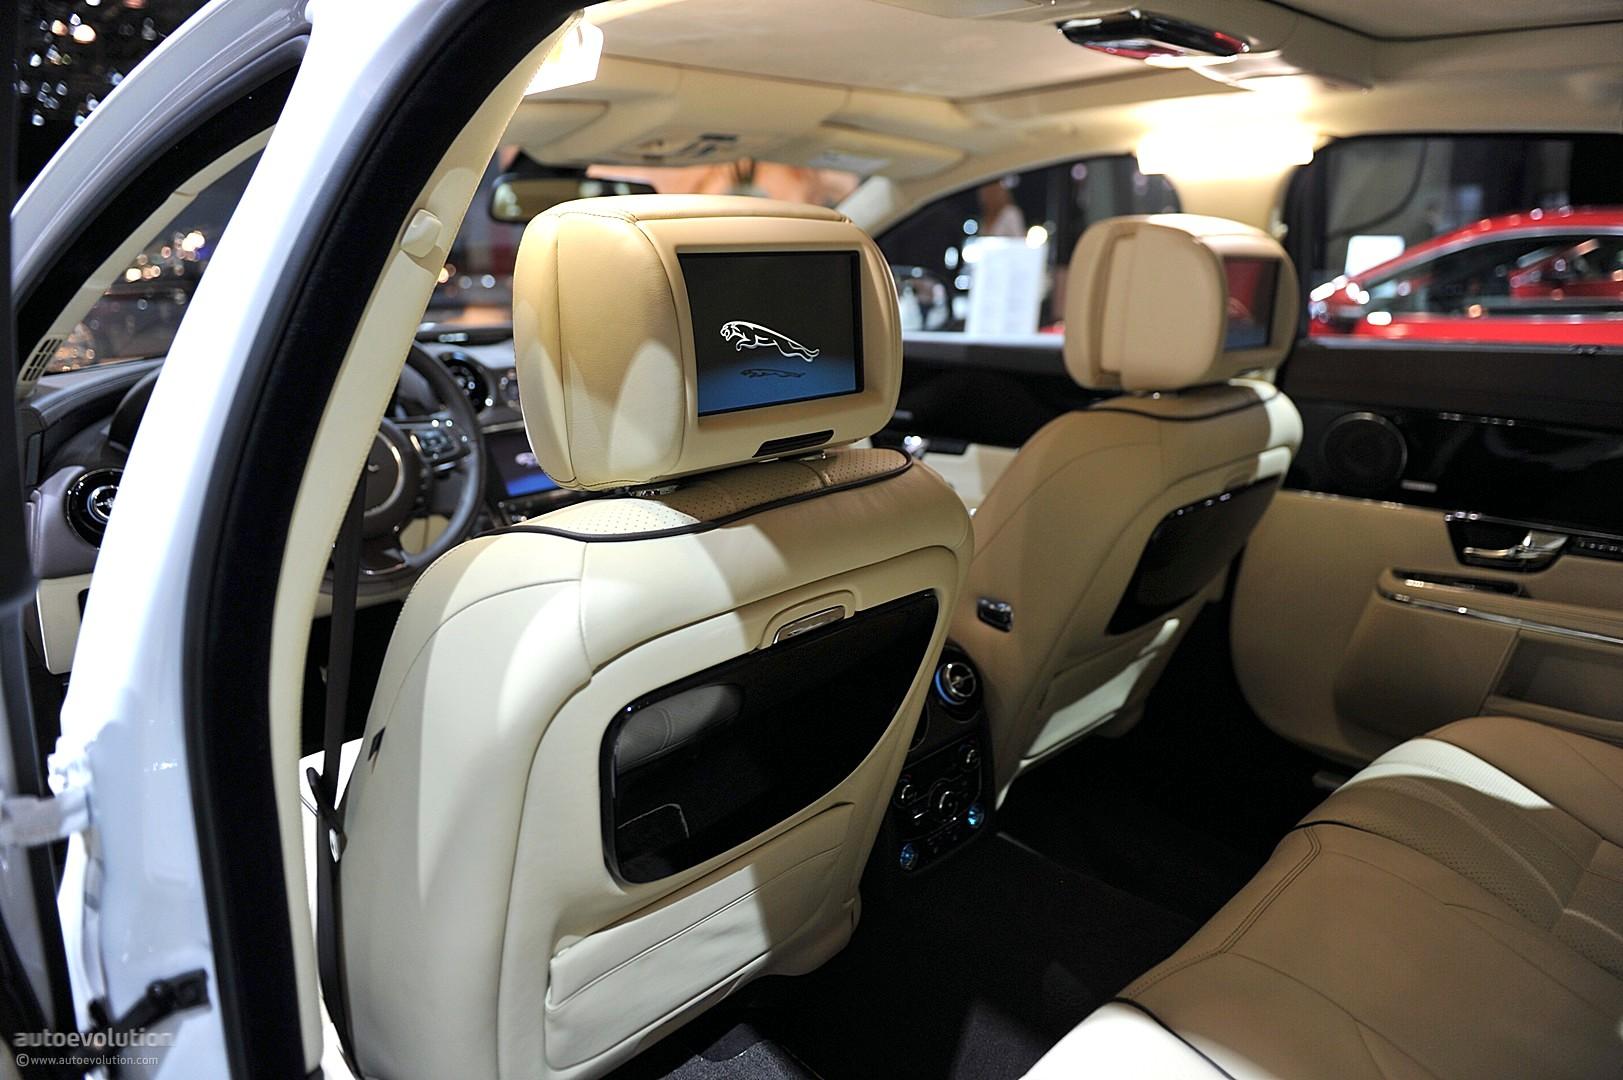 Die 400 sport edition ist nicht limitiert und wird ein ganzes jahr lang angeboten. NYIAS 2011: Jaguar XJL Supersport [Live Photos